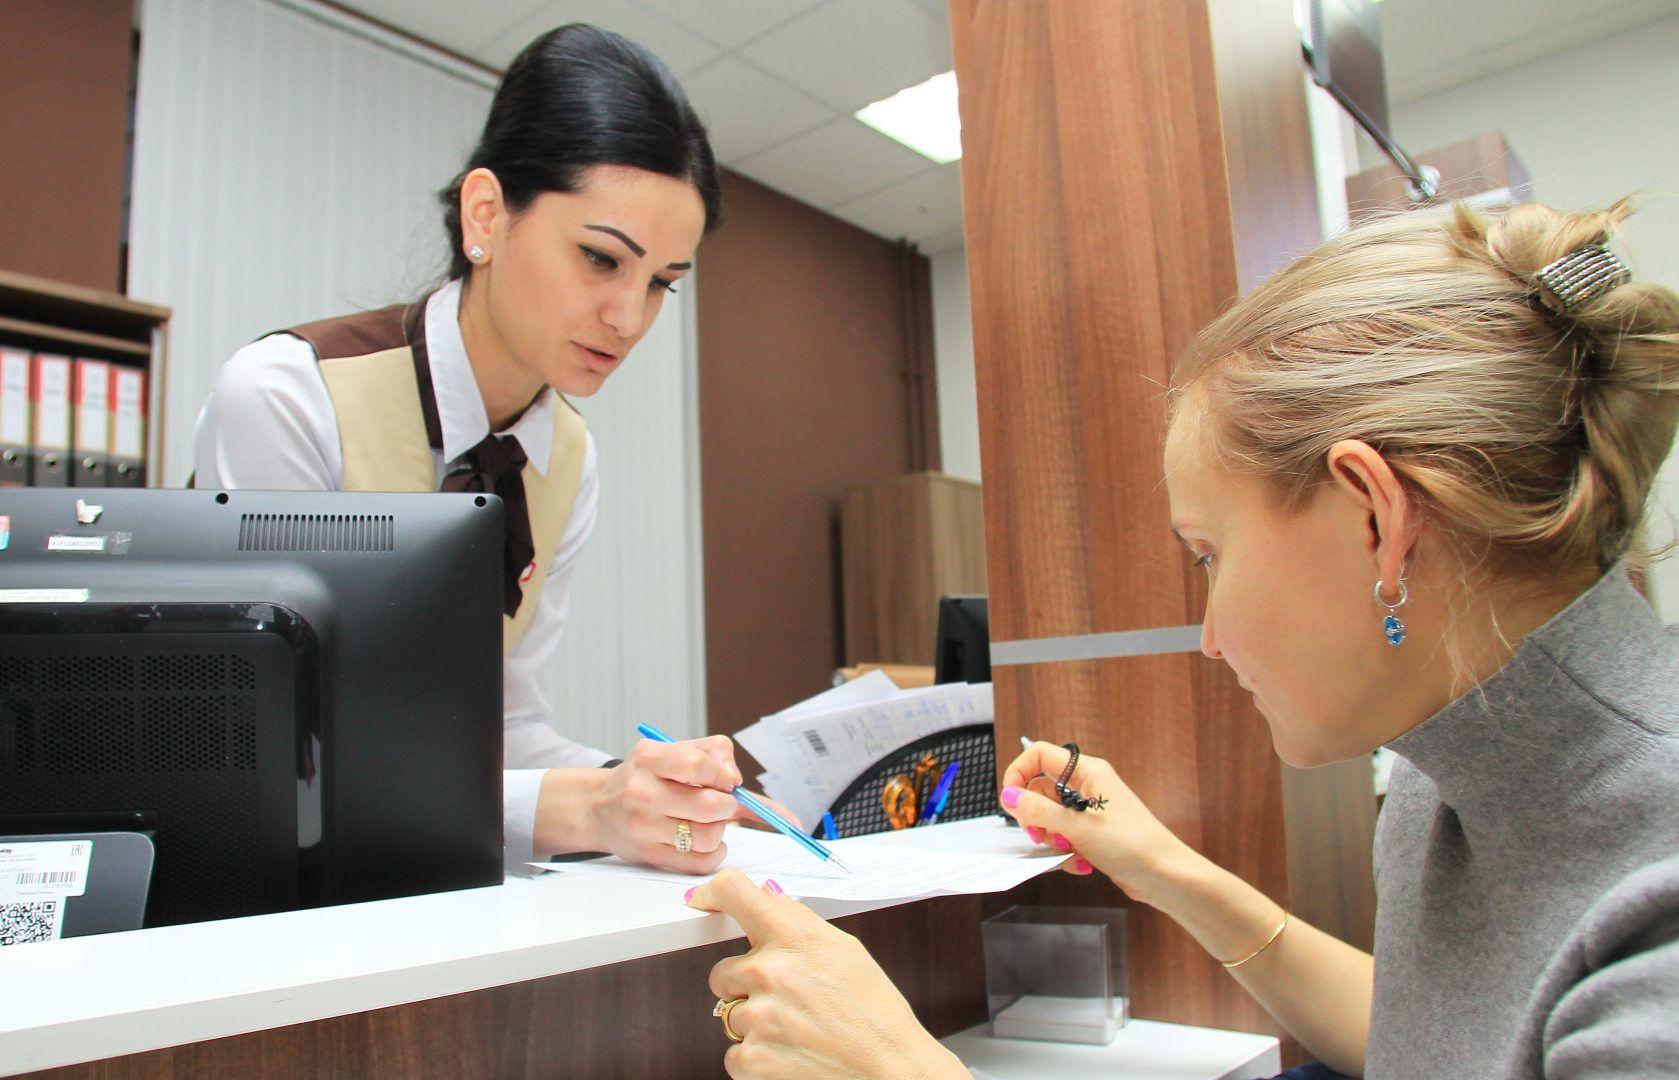 Многодетные семьи Новой Москвы получили свыше 1,3 тысячи госуслуг. Фото: Наталия Нечаева